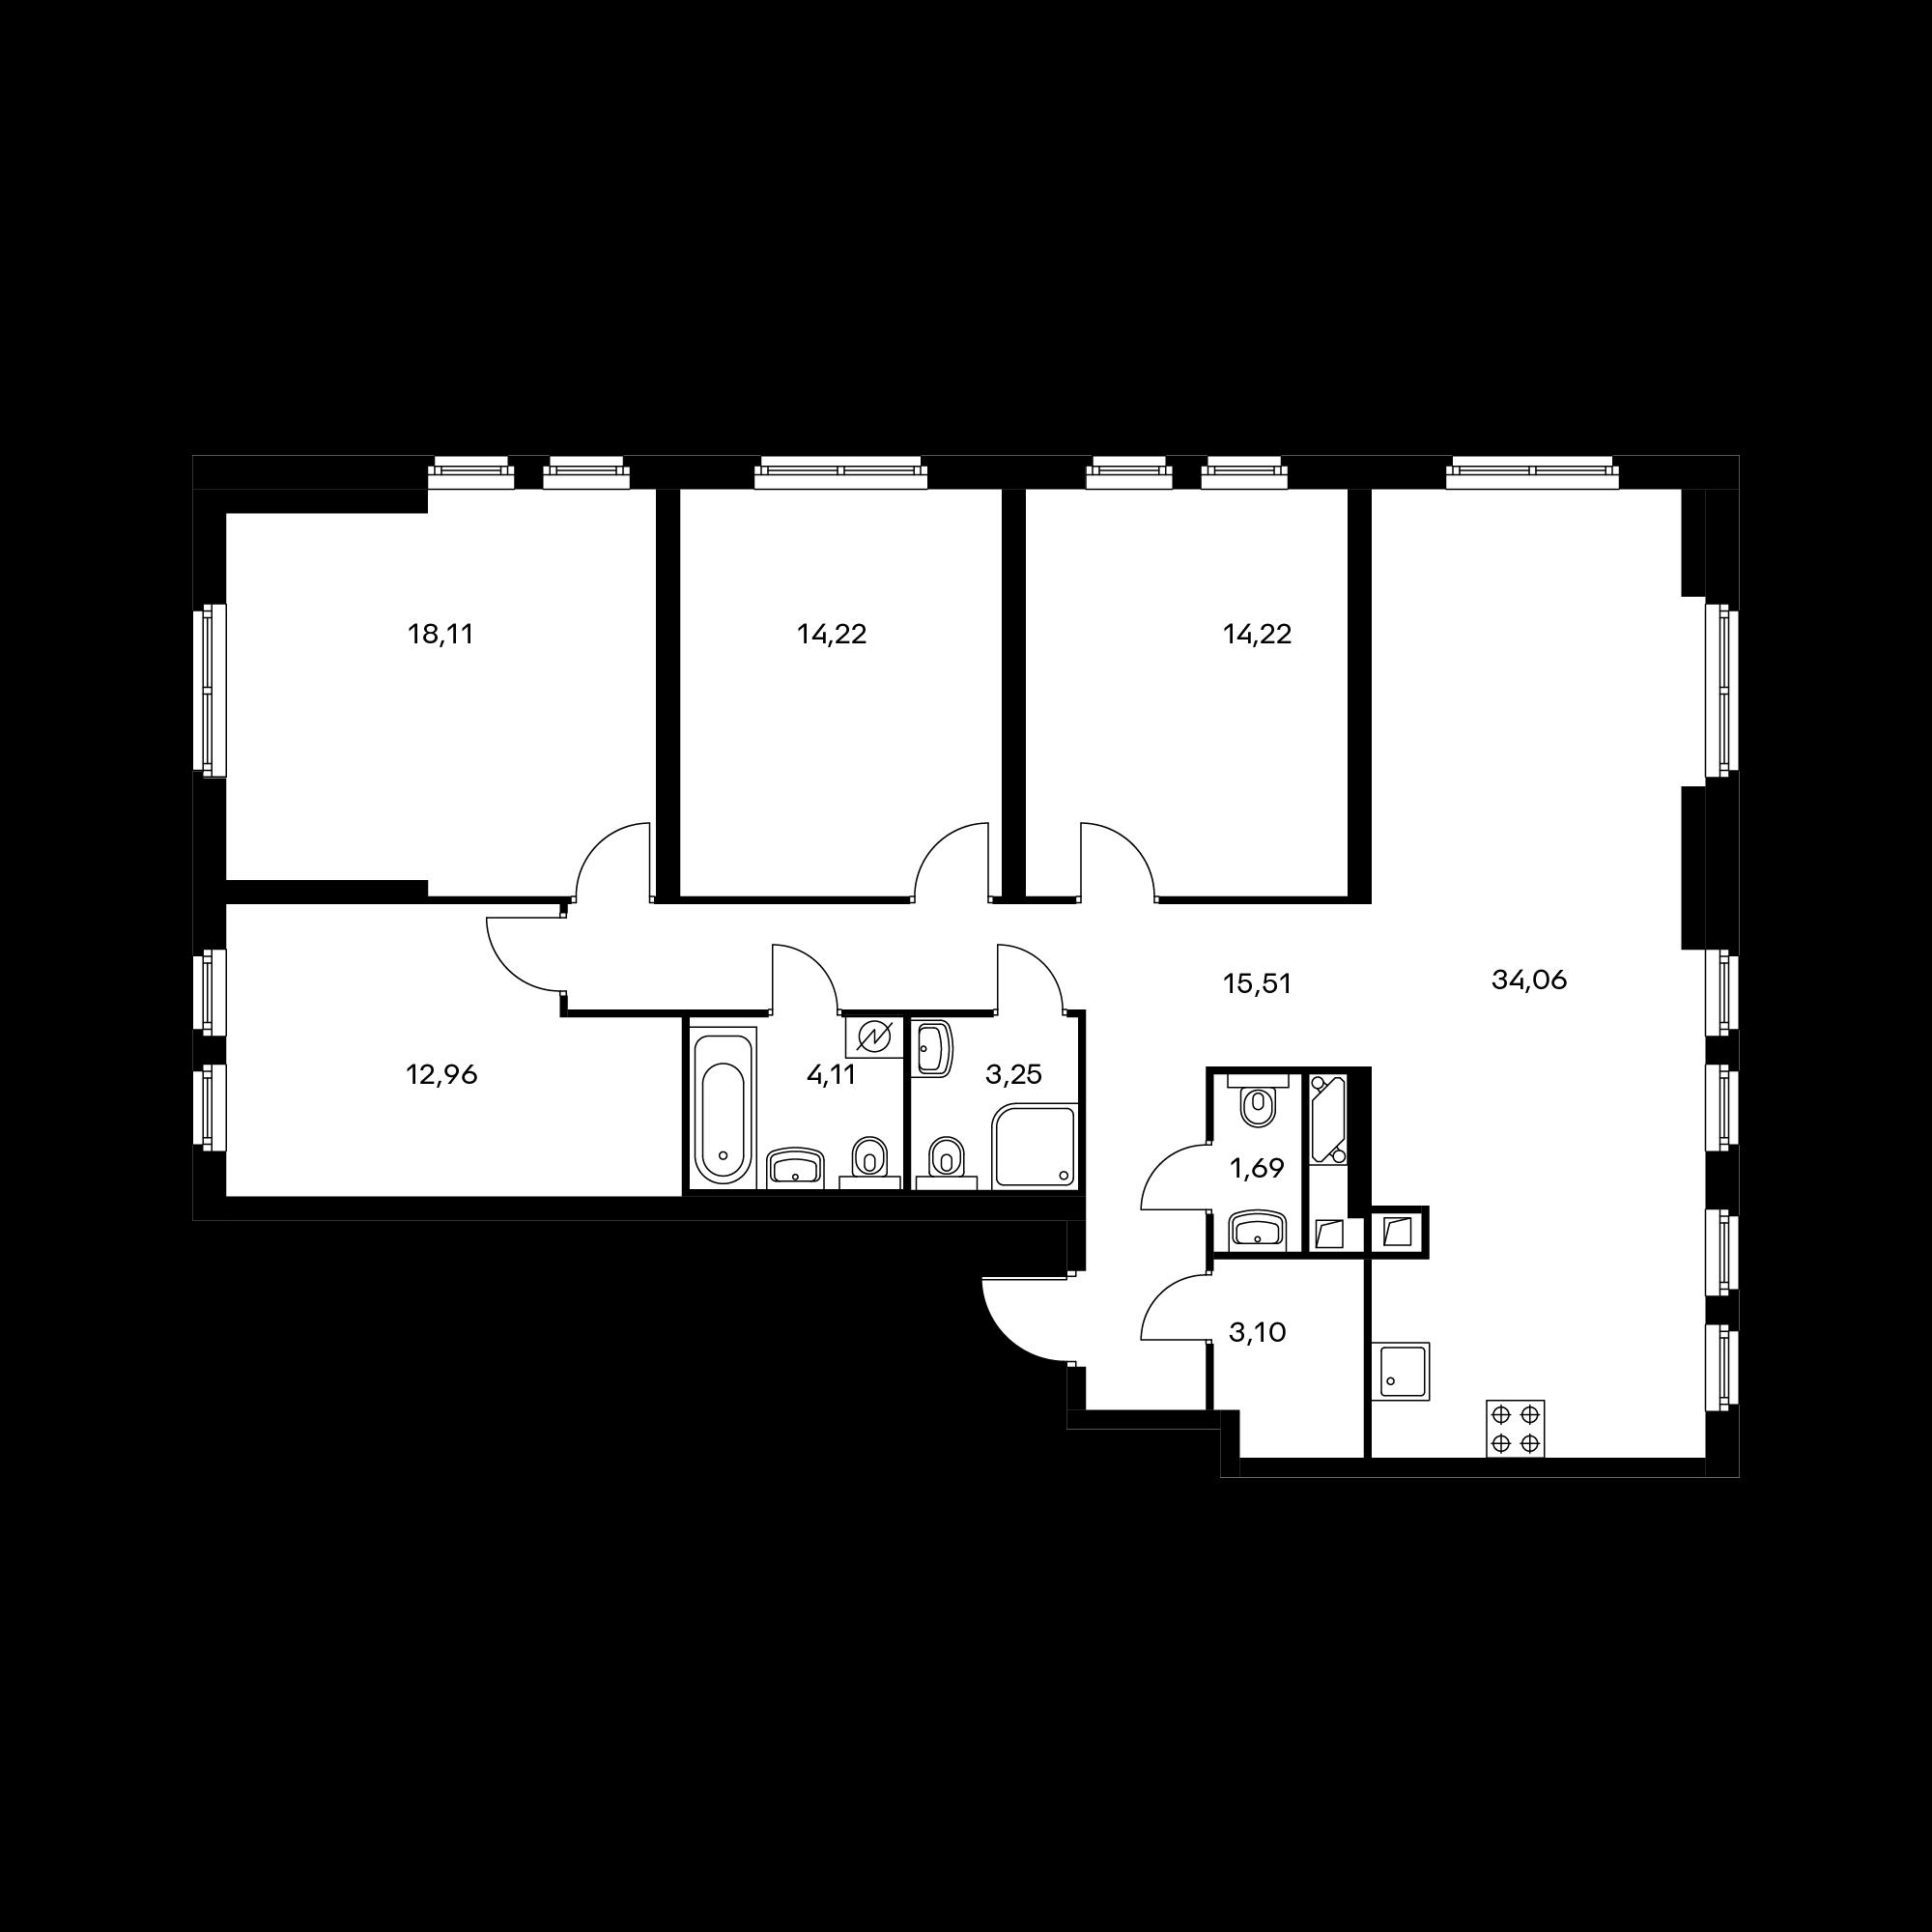 4EL1C